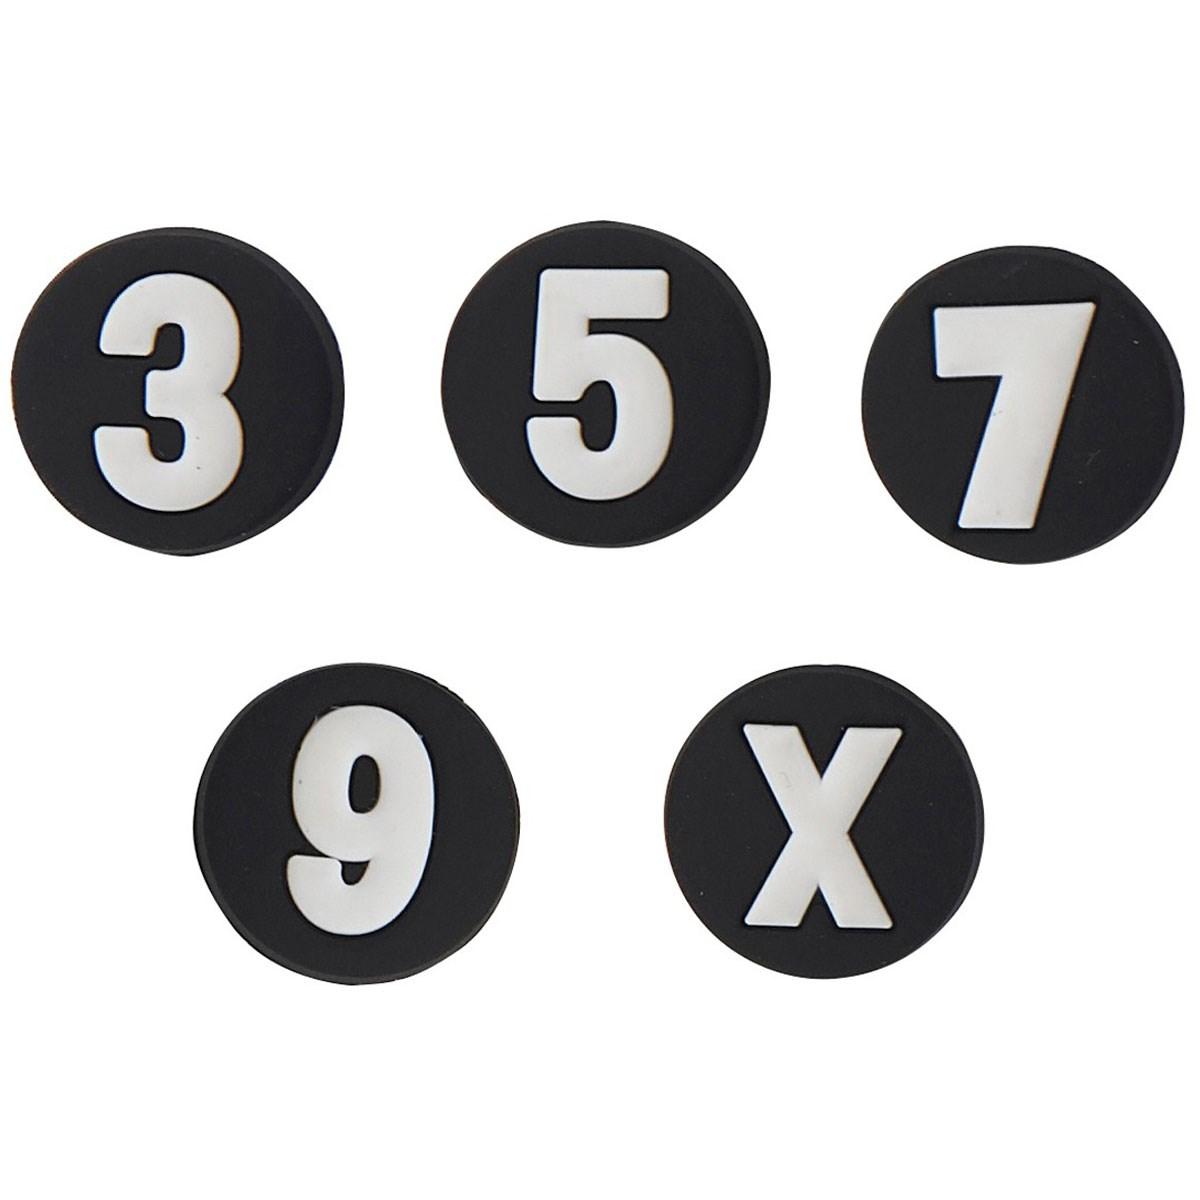 ルコックゴルフ Icover専用サイズチップ